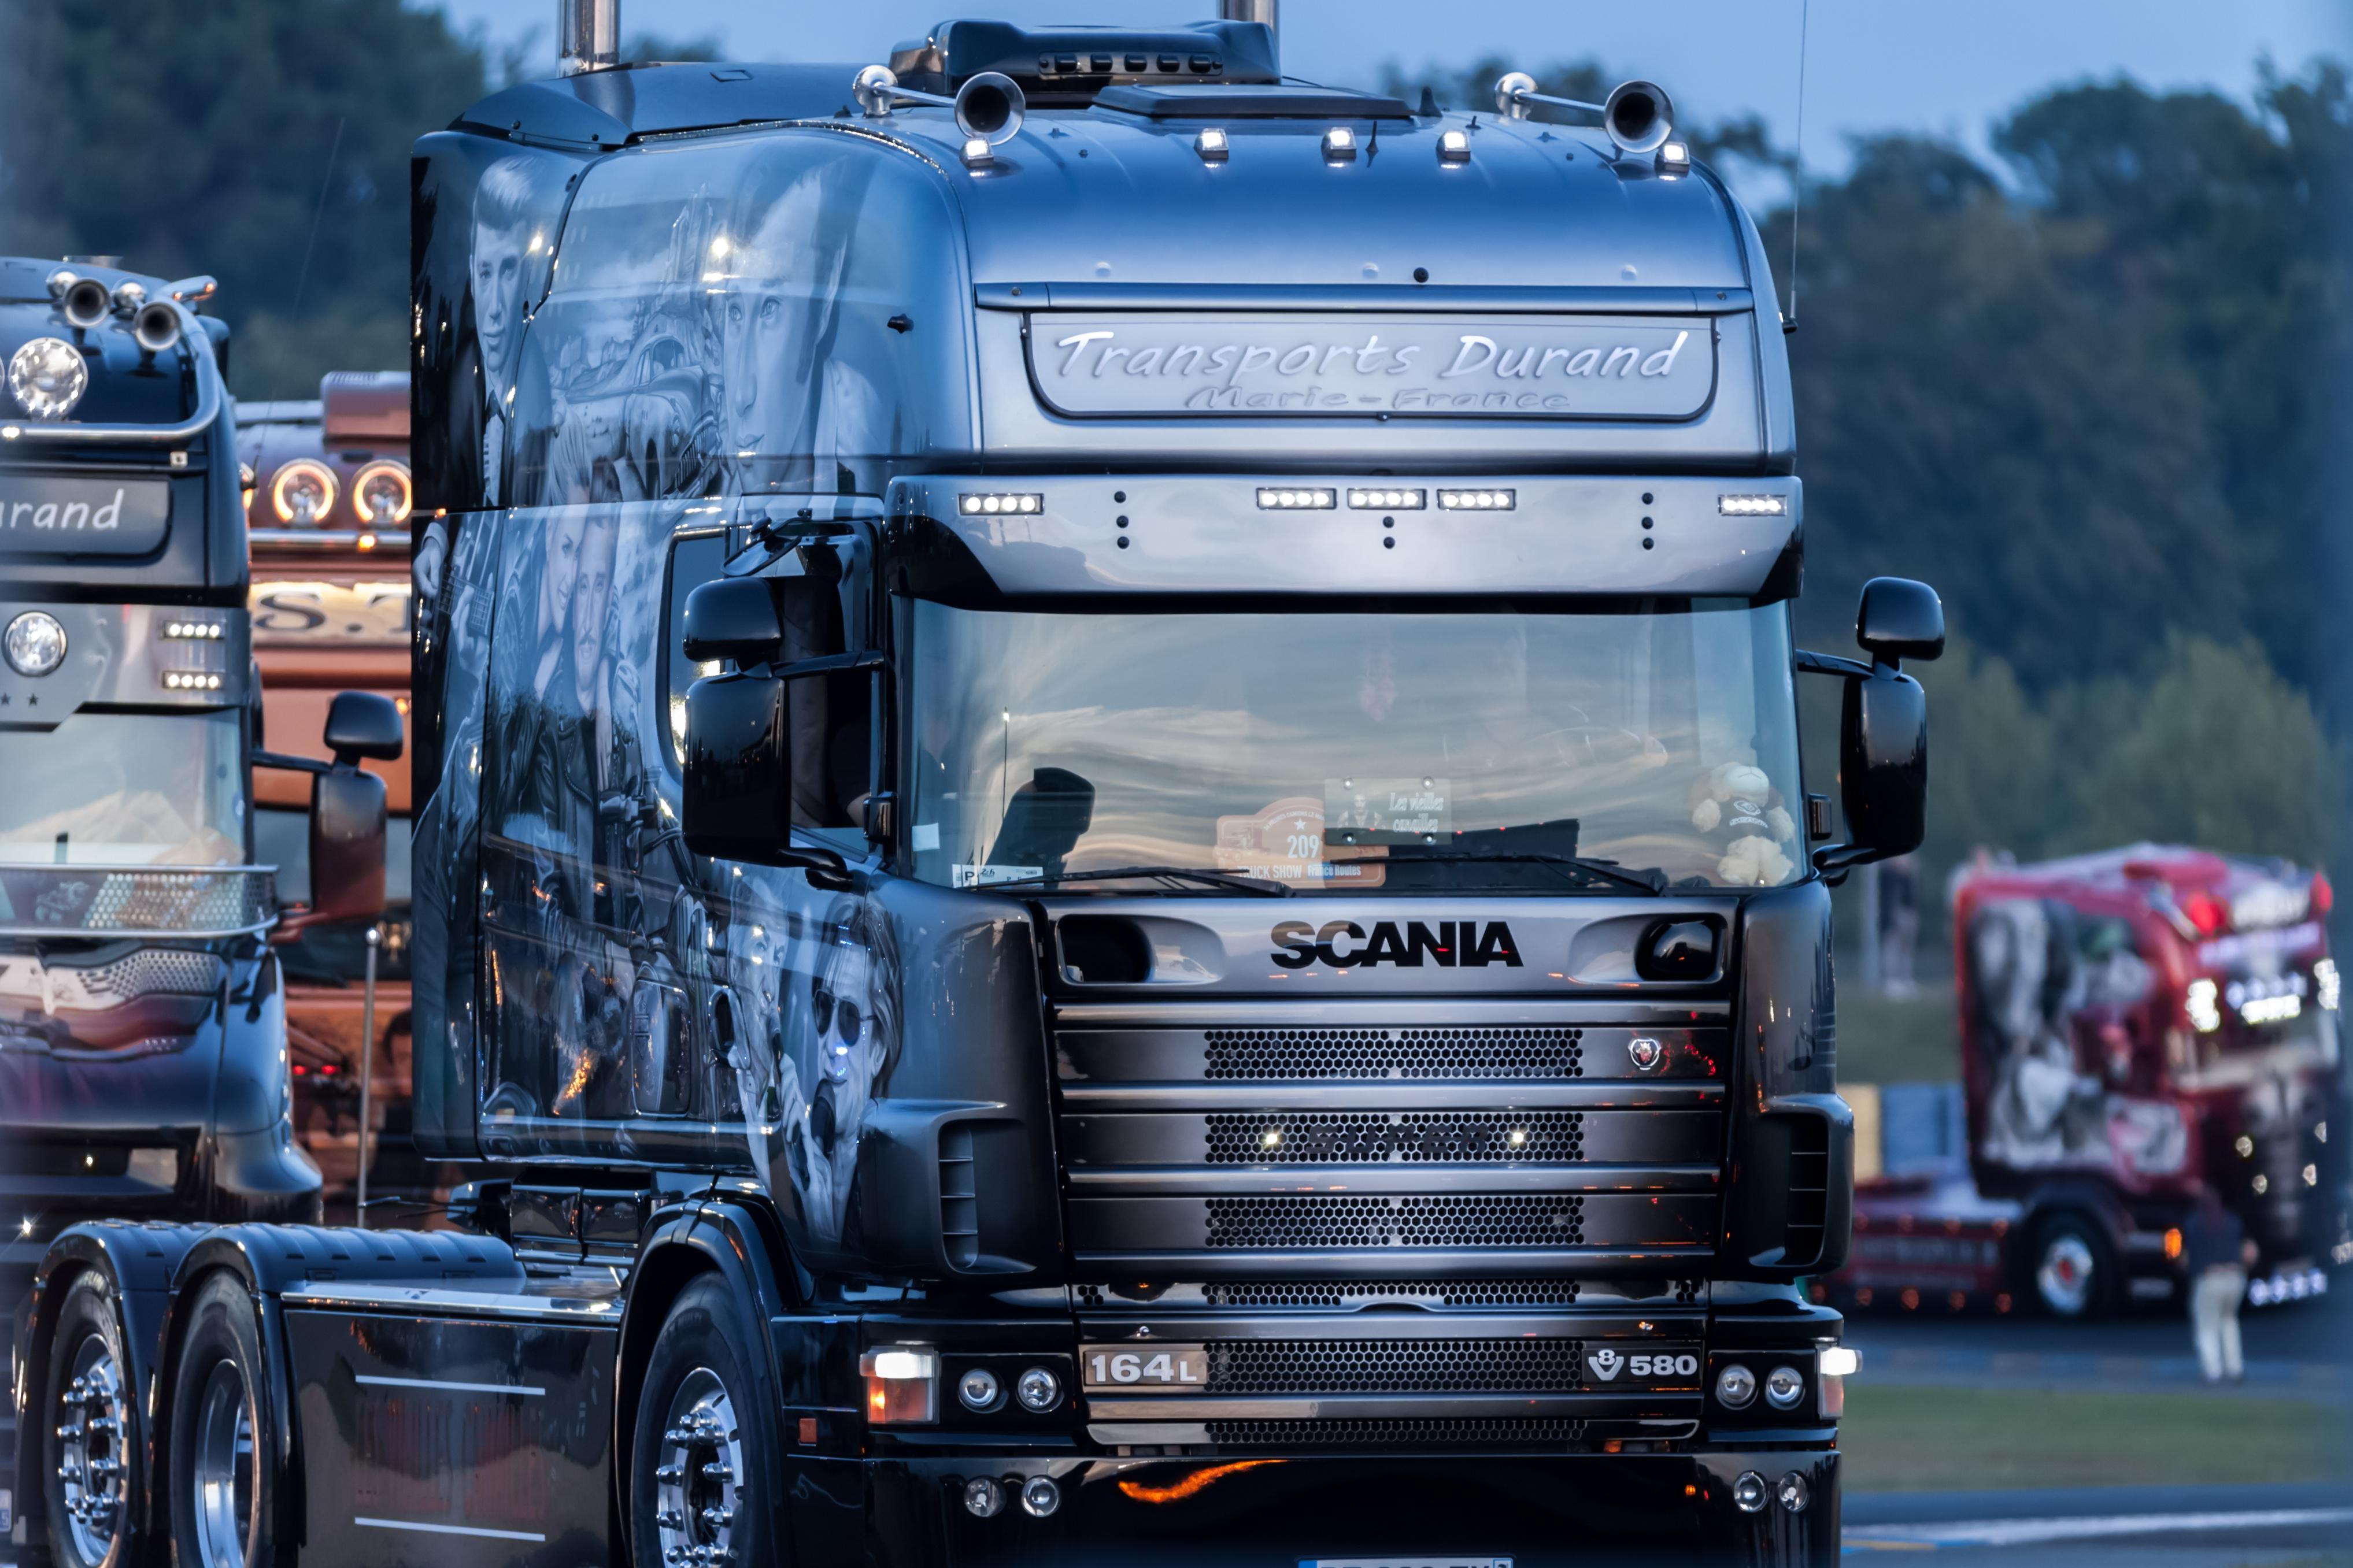 Scania V8 Wallpaper Hd 4070x2713 Download Hd Wallpaper Wallpapertip Download truck scania live hd wallpaper